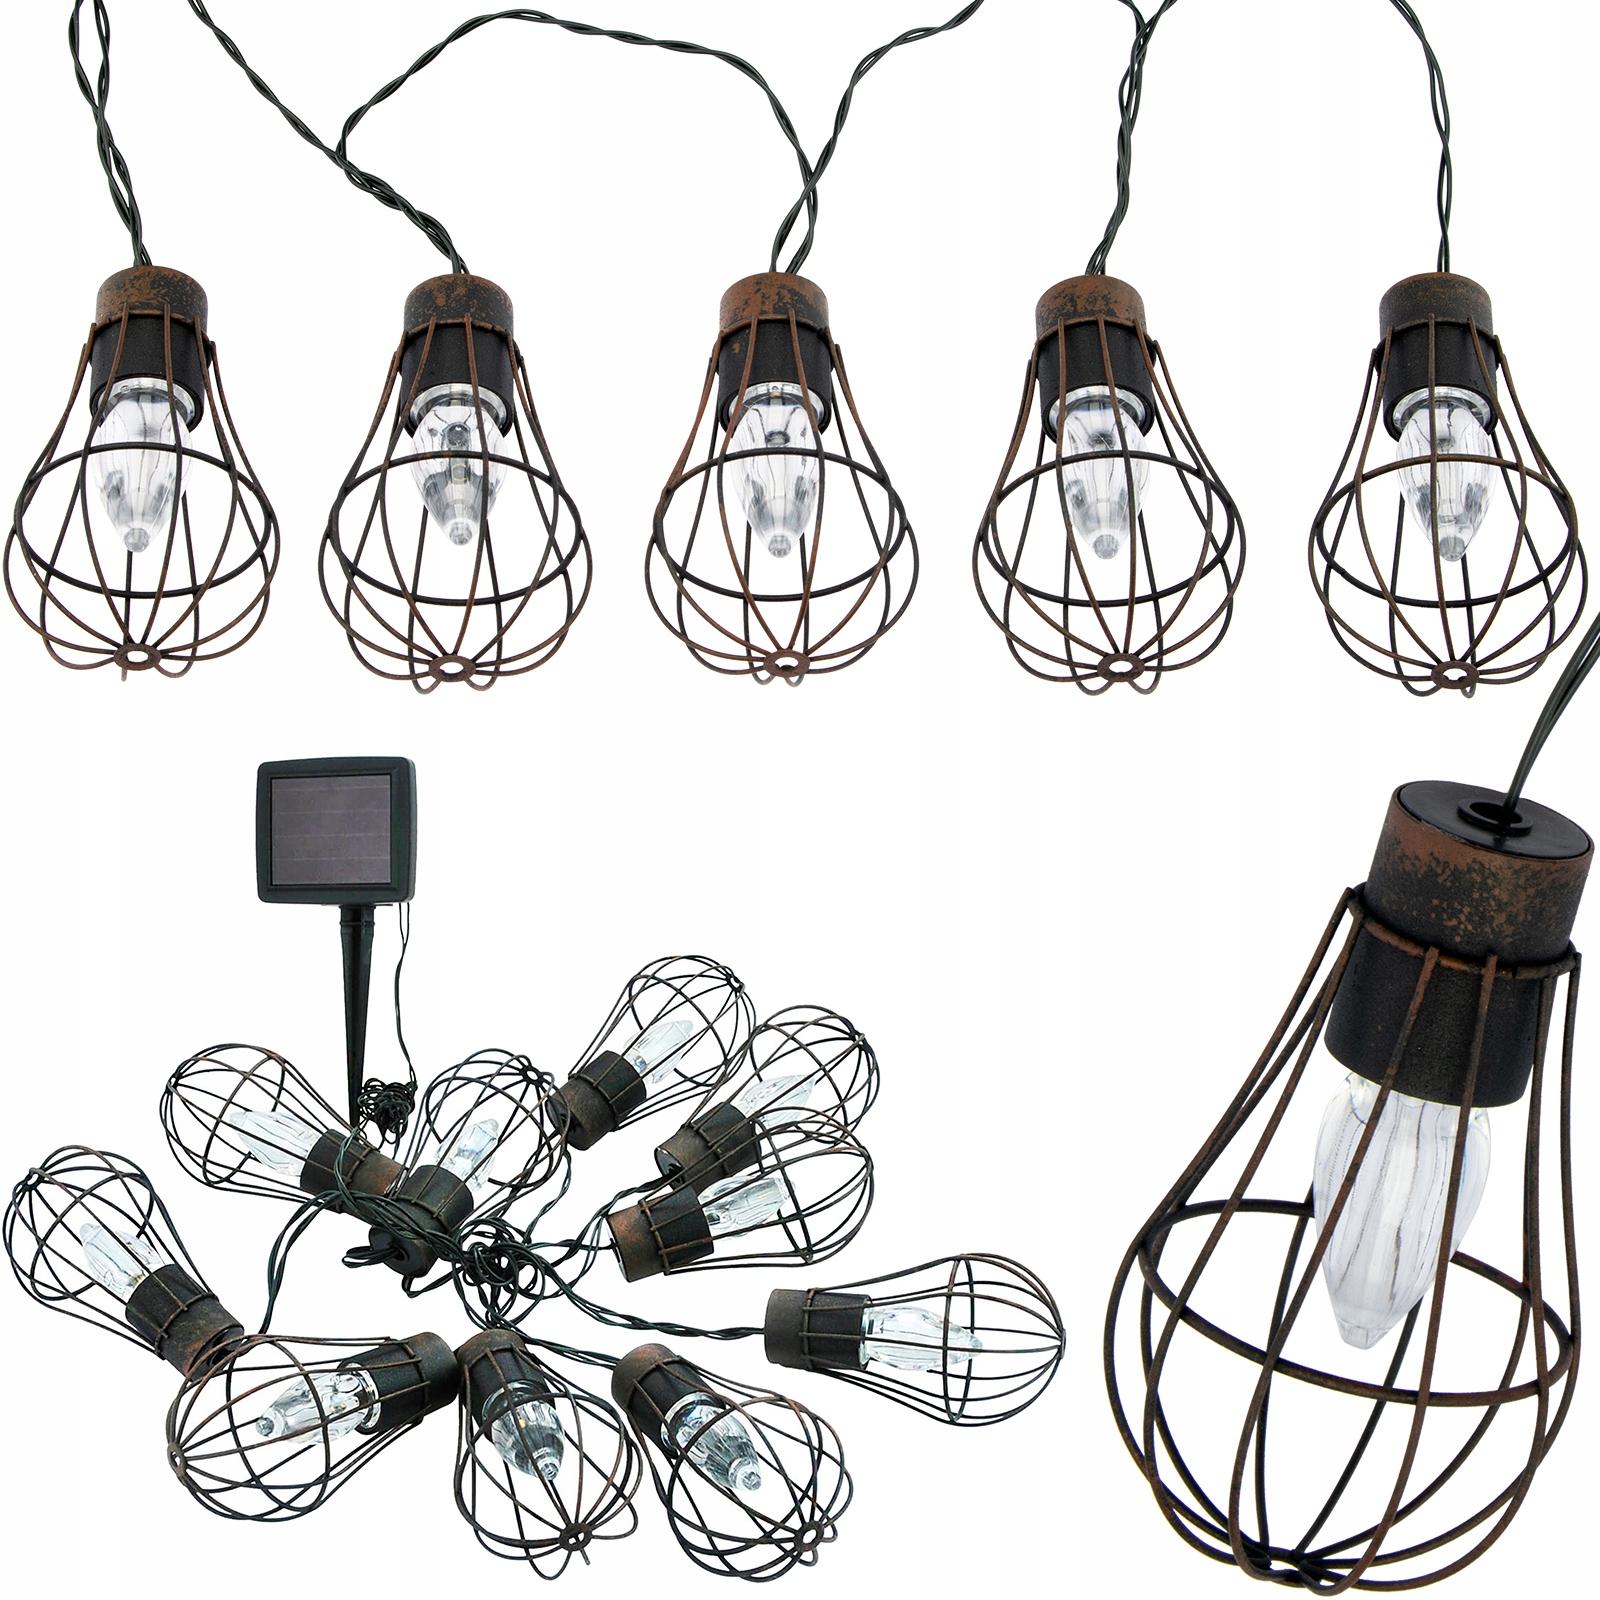 Girlanda żarówki LED panel solarny lampki ogrodowe